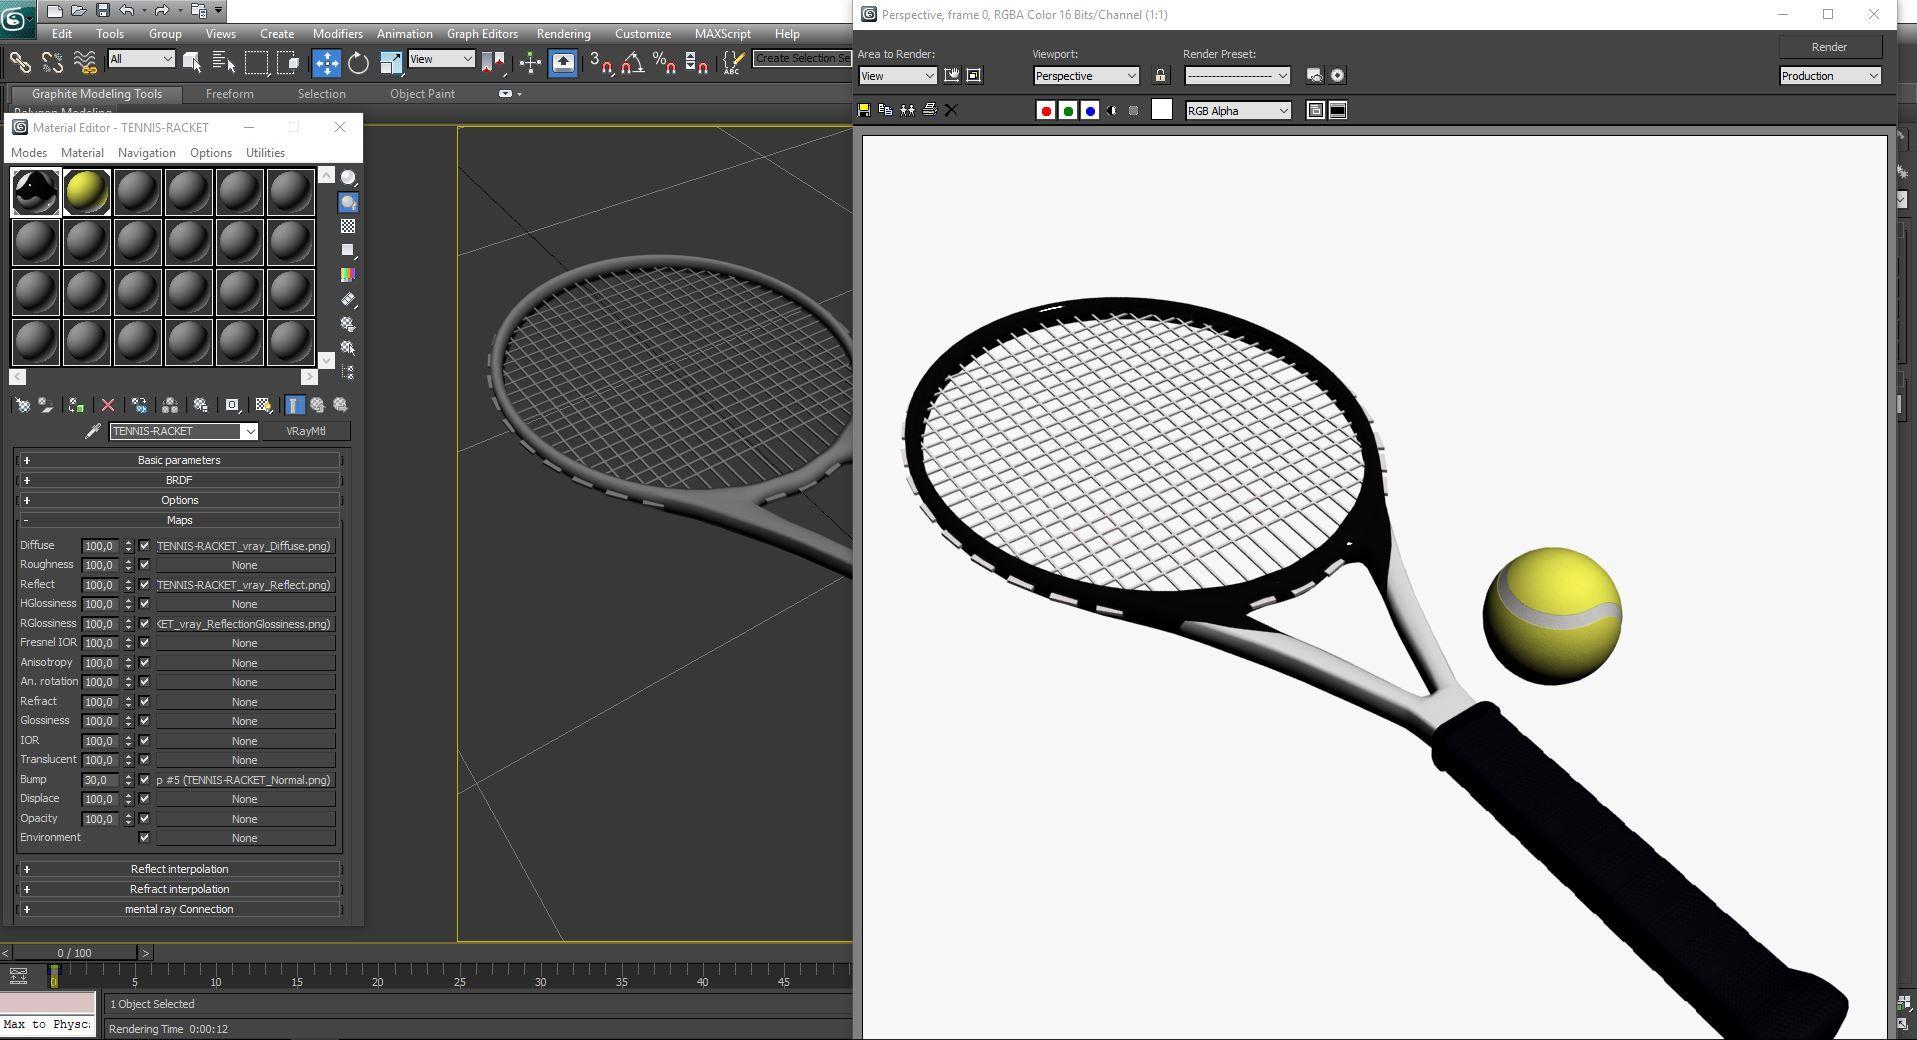 Tennis Ball And Racket Set Tennis Ball Tennis Rackets